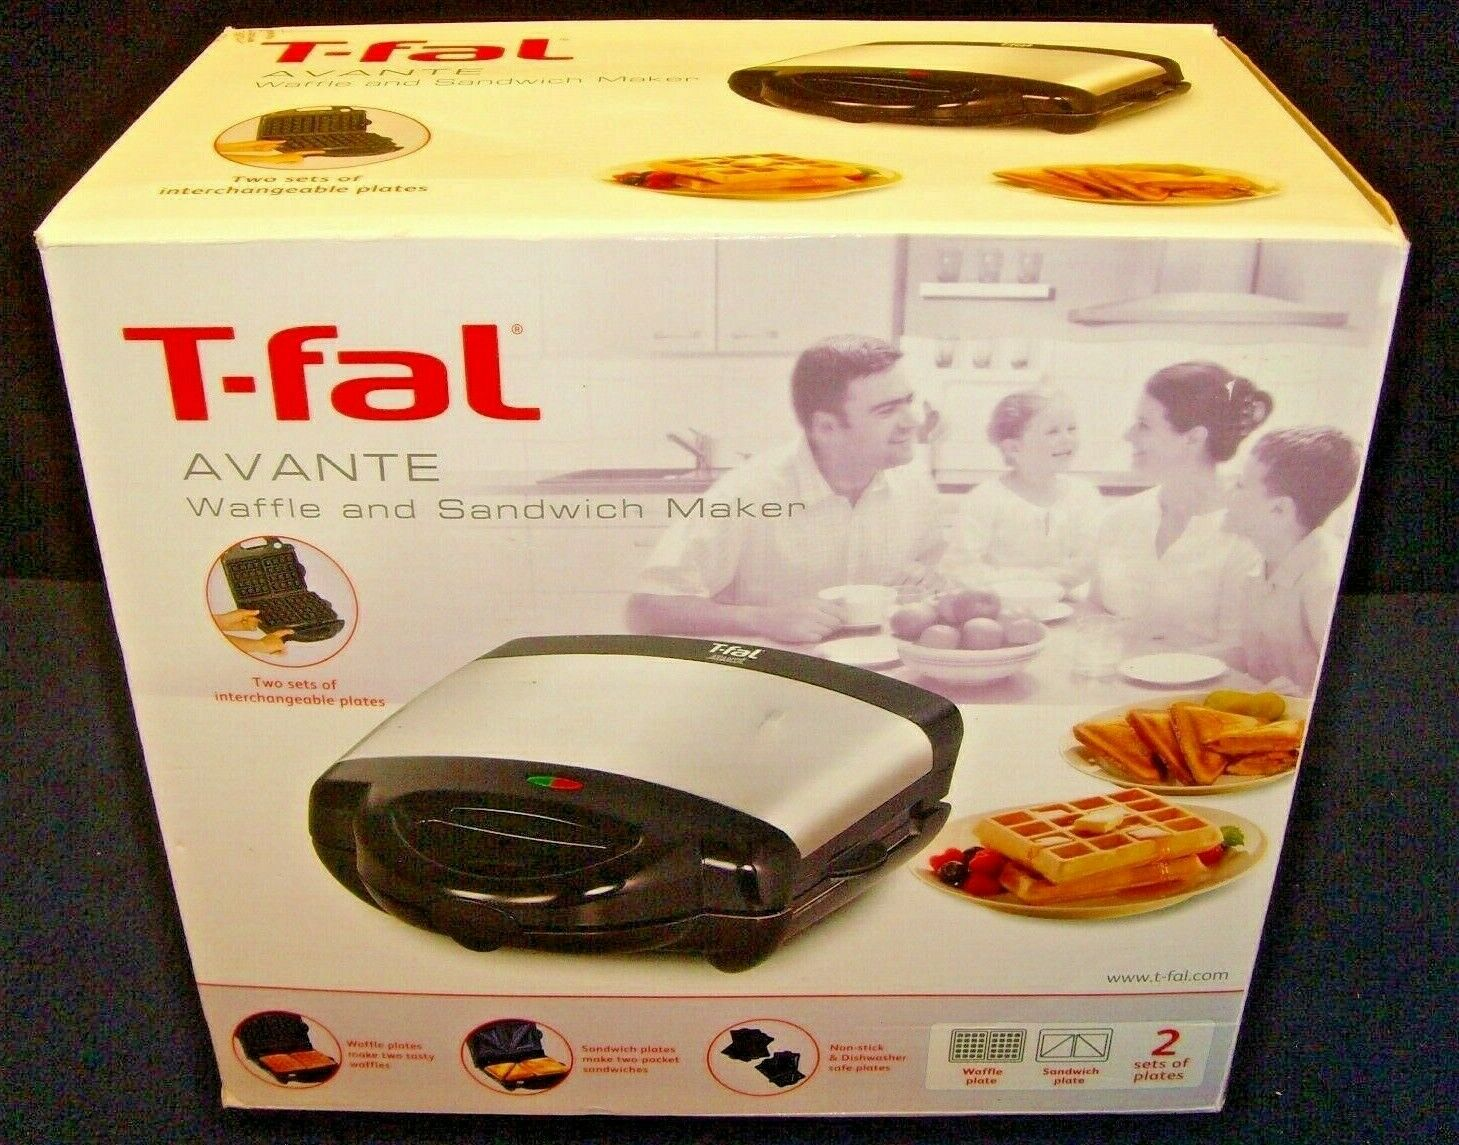 T-fal Avante Grill sandwiches or breakfast waffle